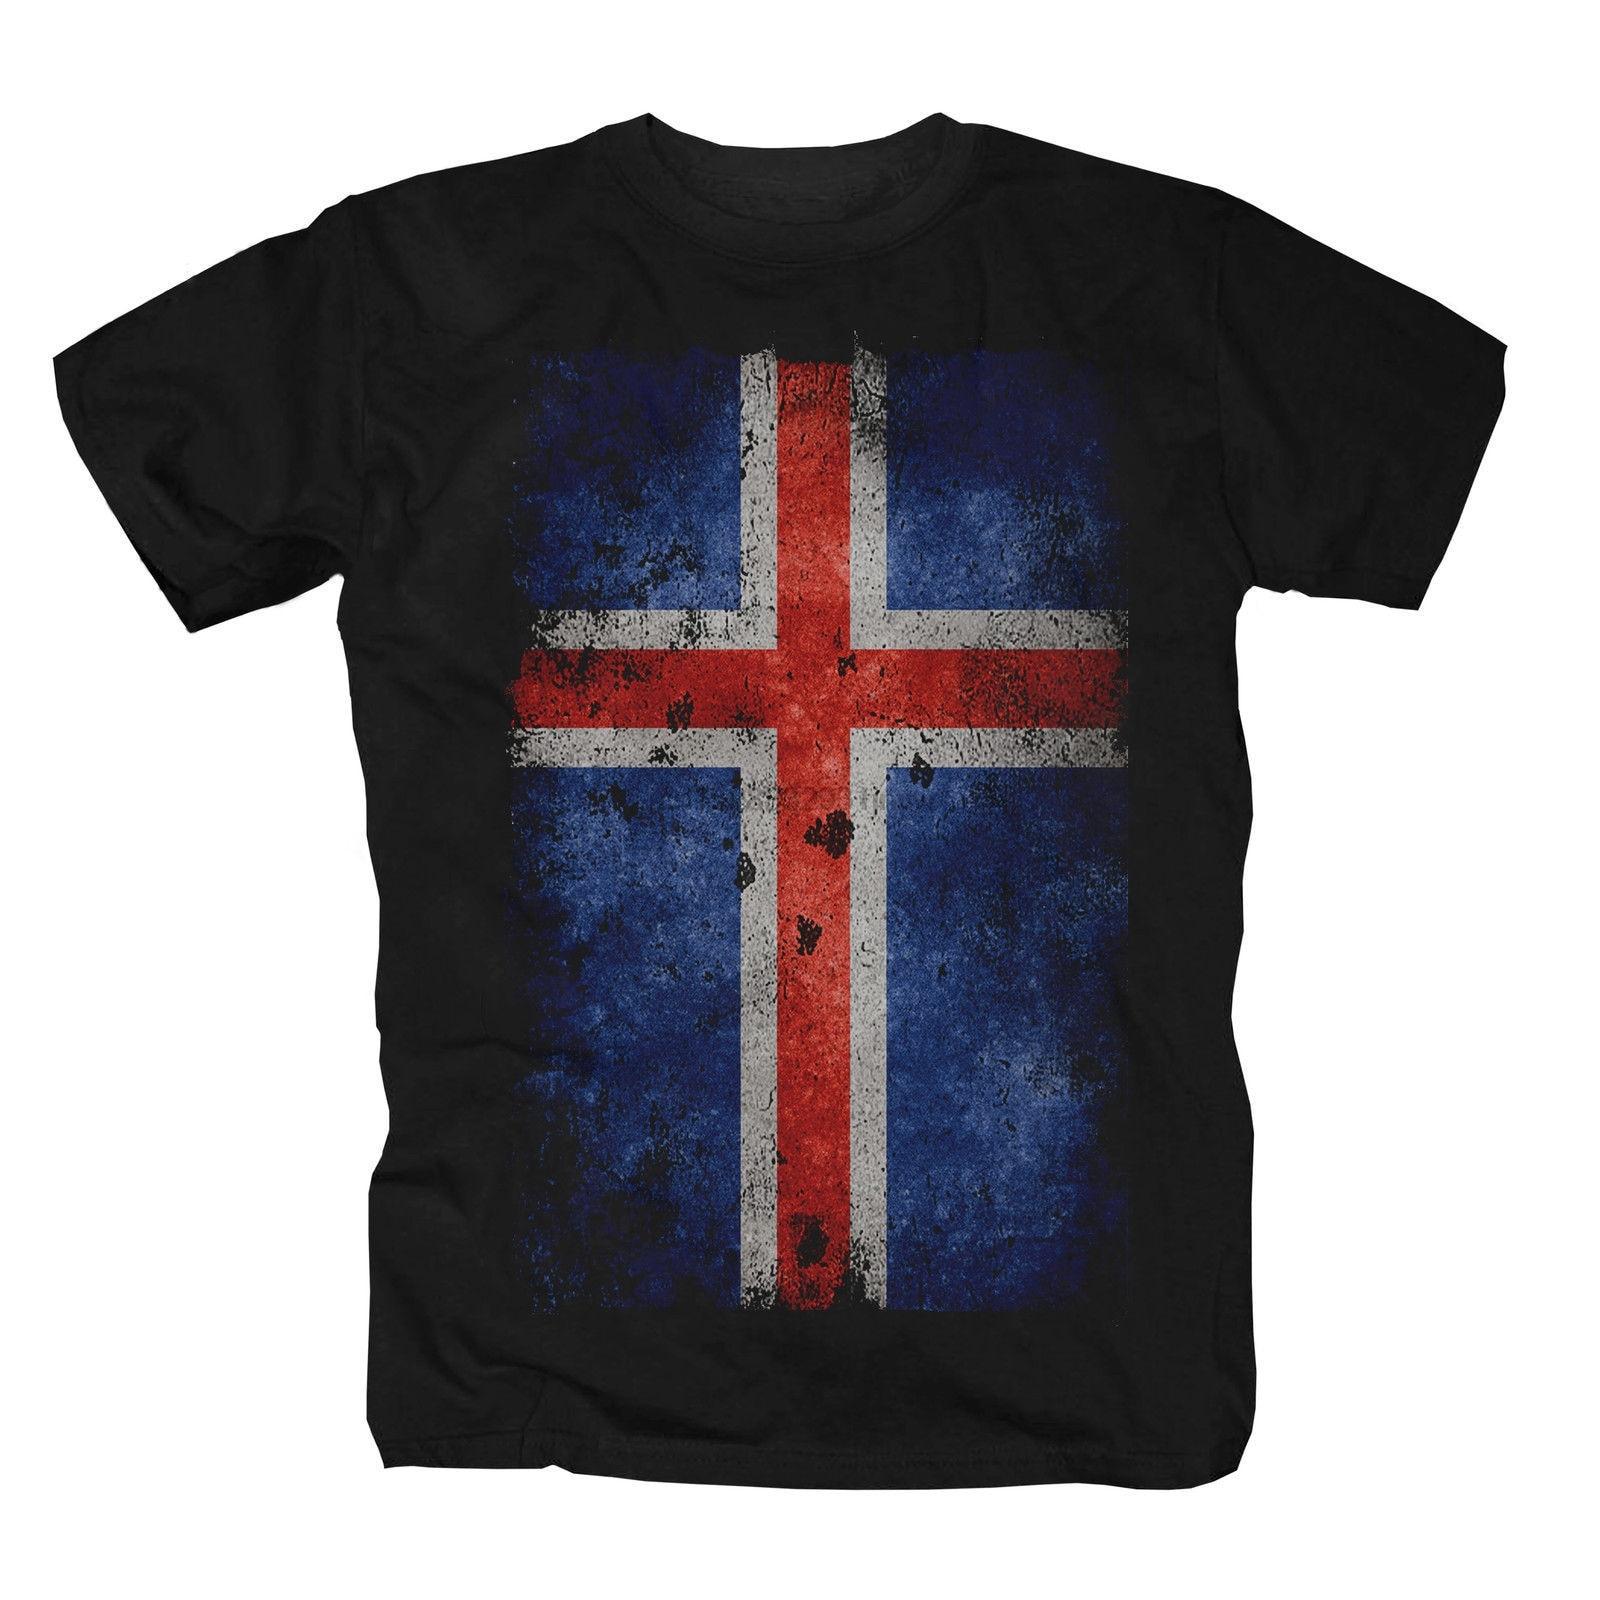 LUCKY WM 2018 Kroatien Hrvatska Herren T-Shirt Fu/ßball Weltmeisterschaft Trikot